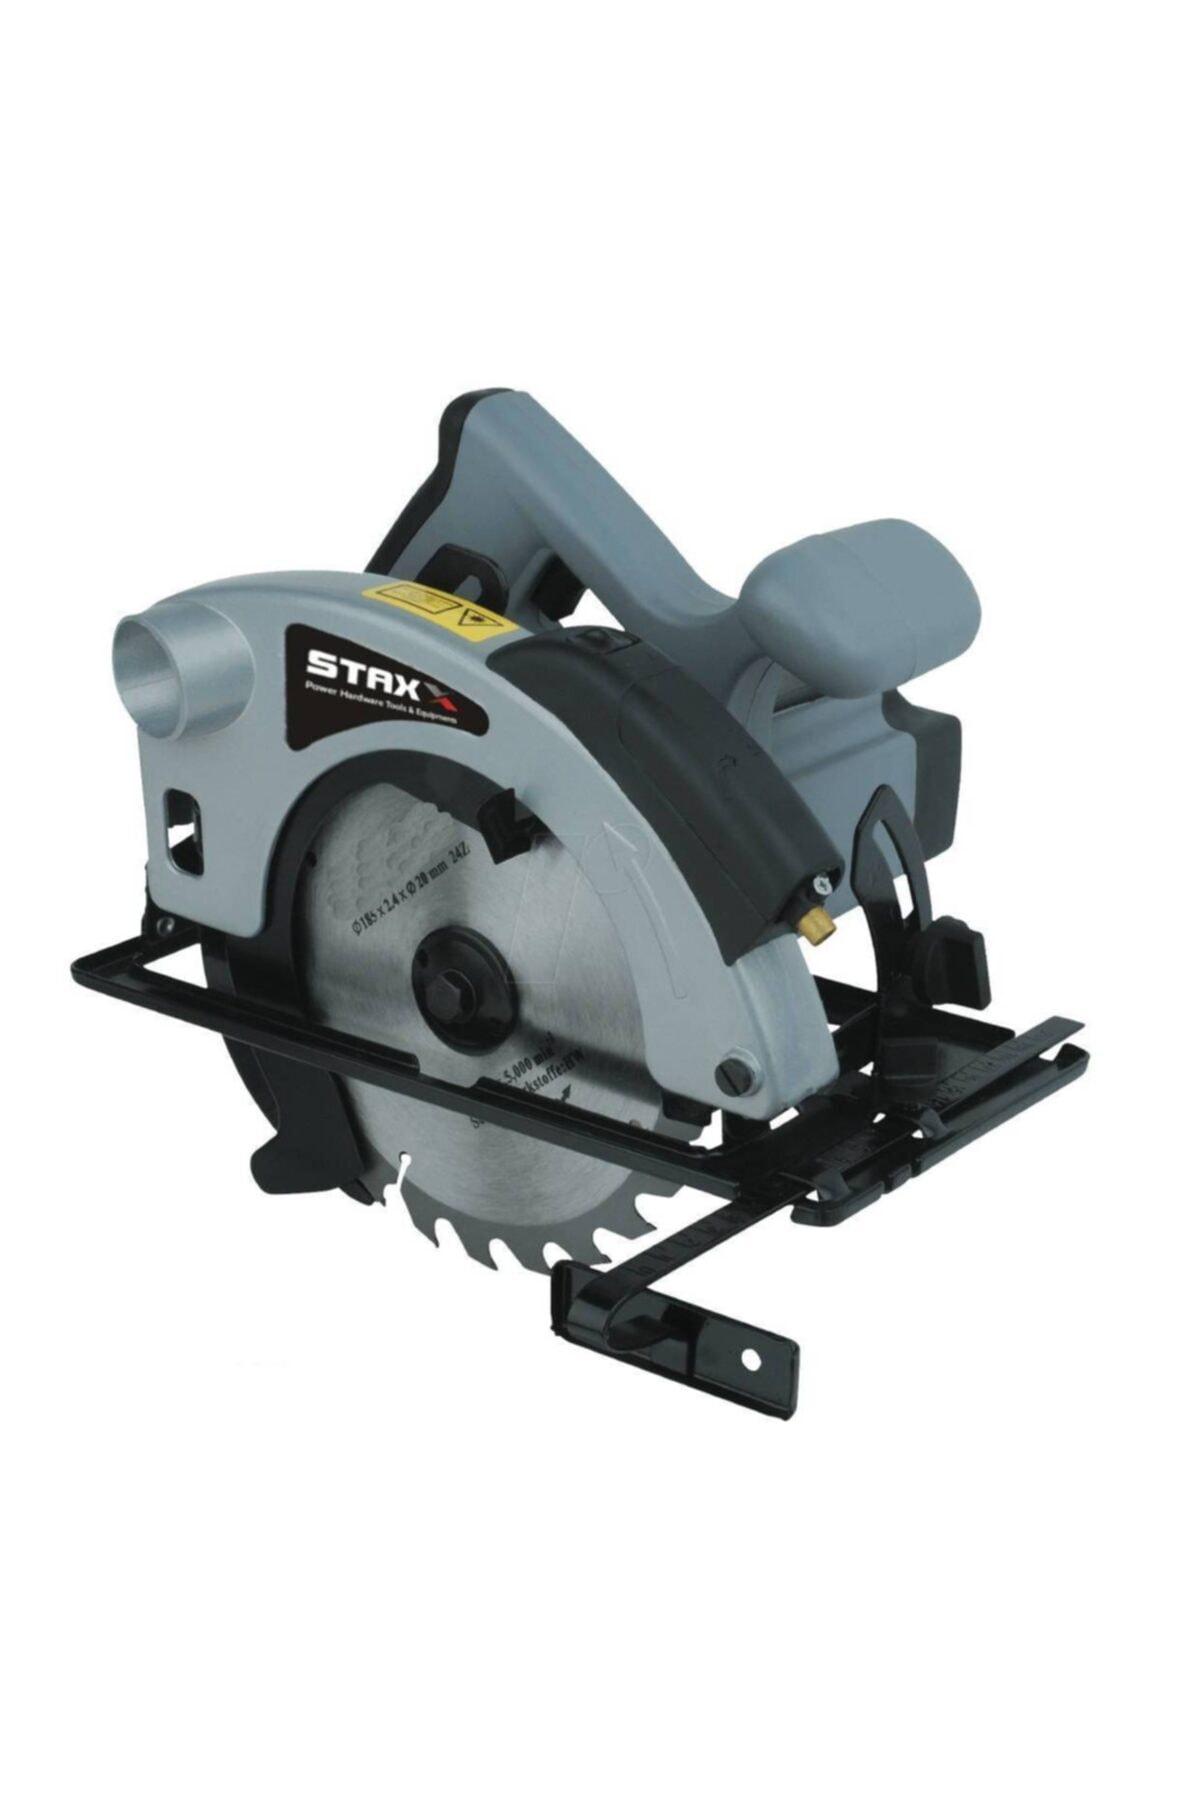 STAXX POWER Pro Speed Lazerli Daire Sunta Kesme Daire Testere Makinesi 1800w 45' Açılı Kesim Eldivenli 1